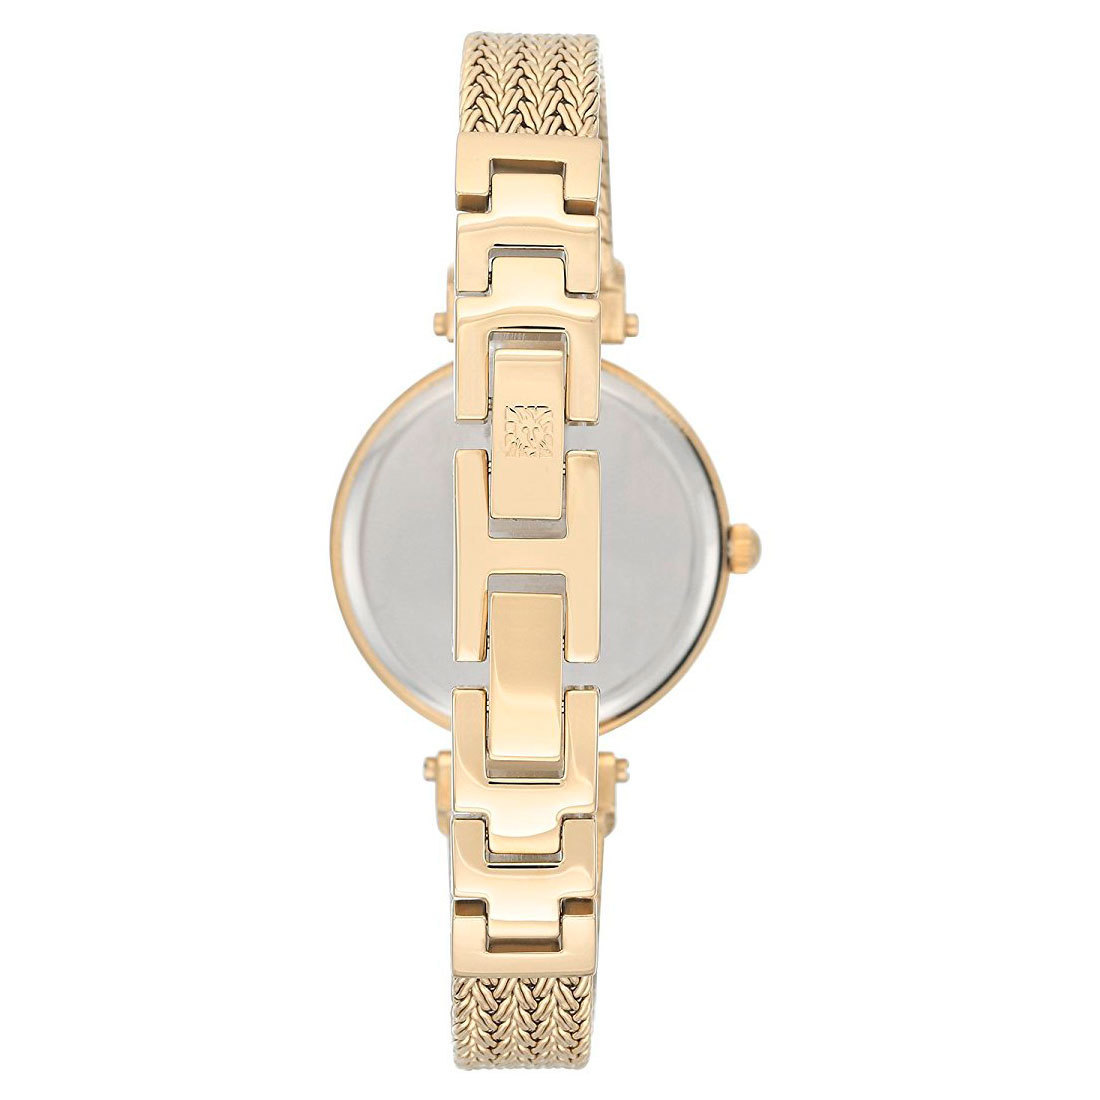 Часы женские наручные недорогие купить в интернет магазине